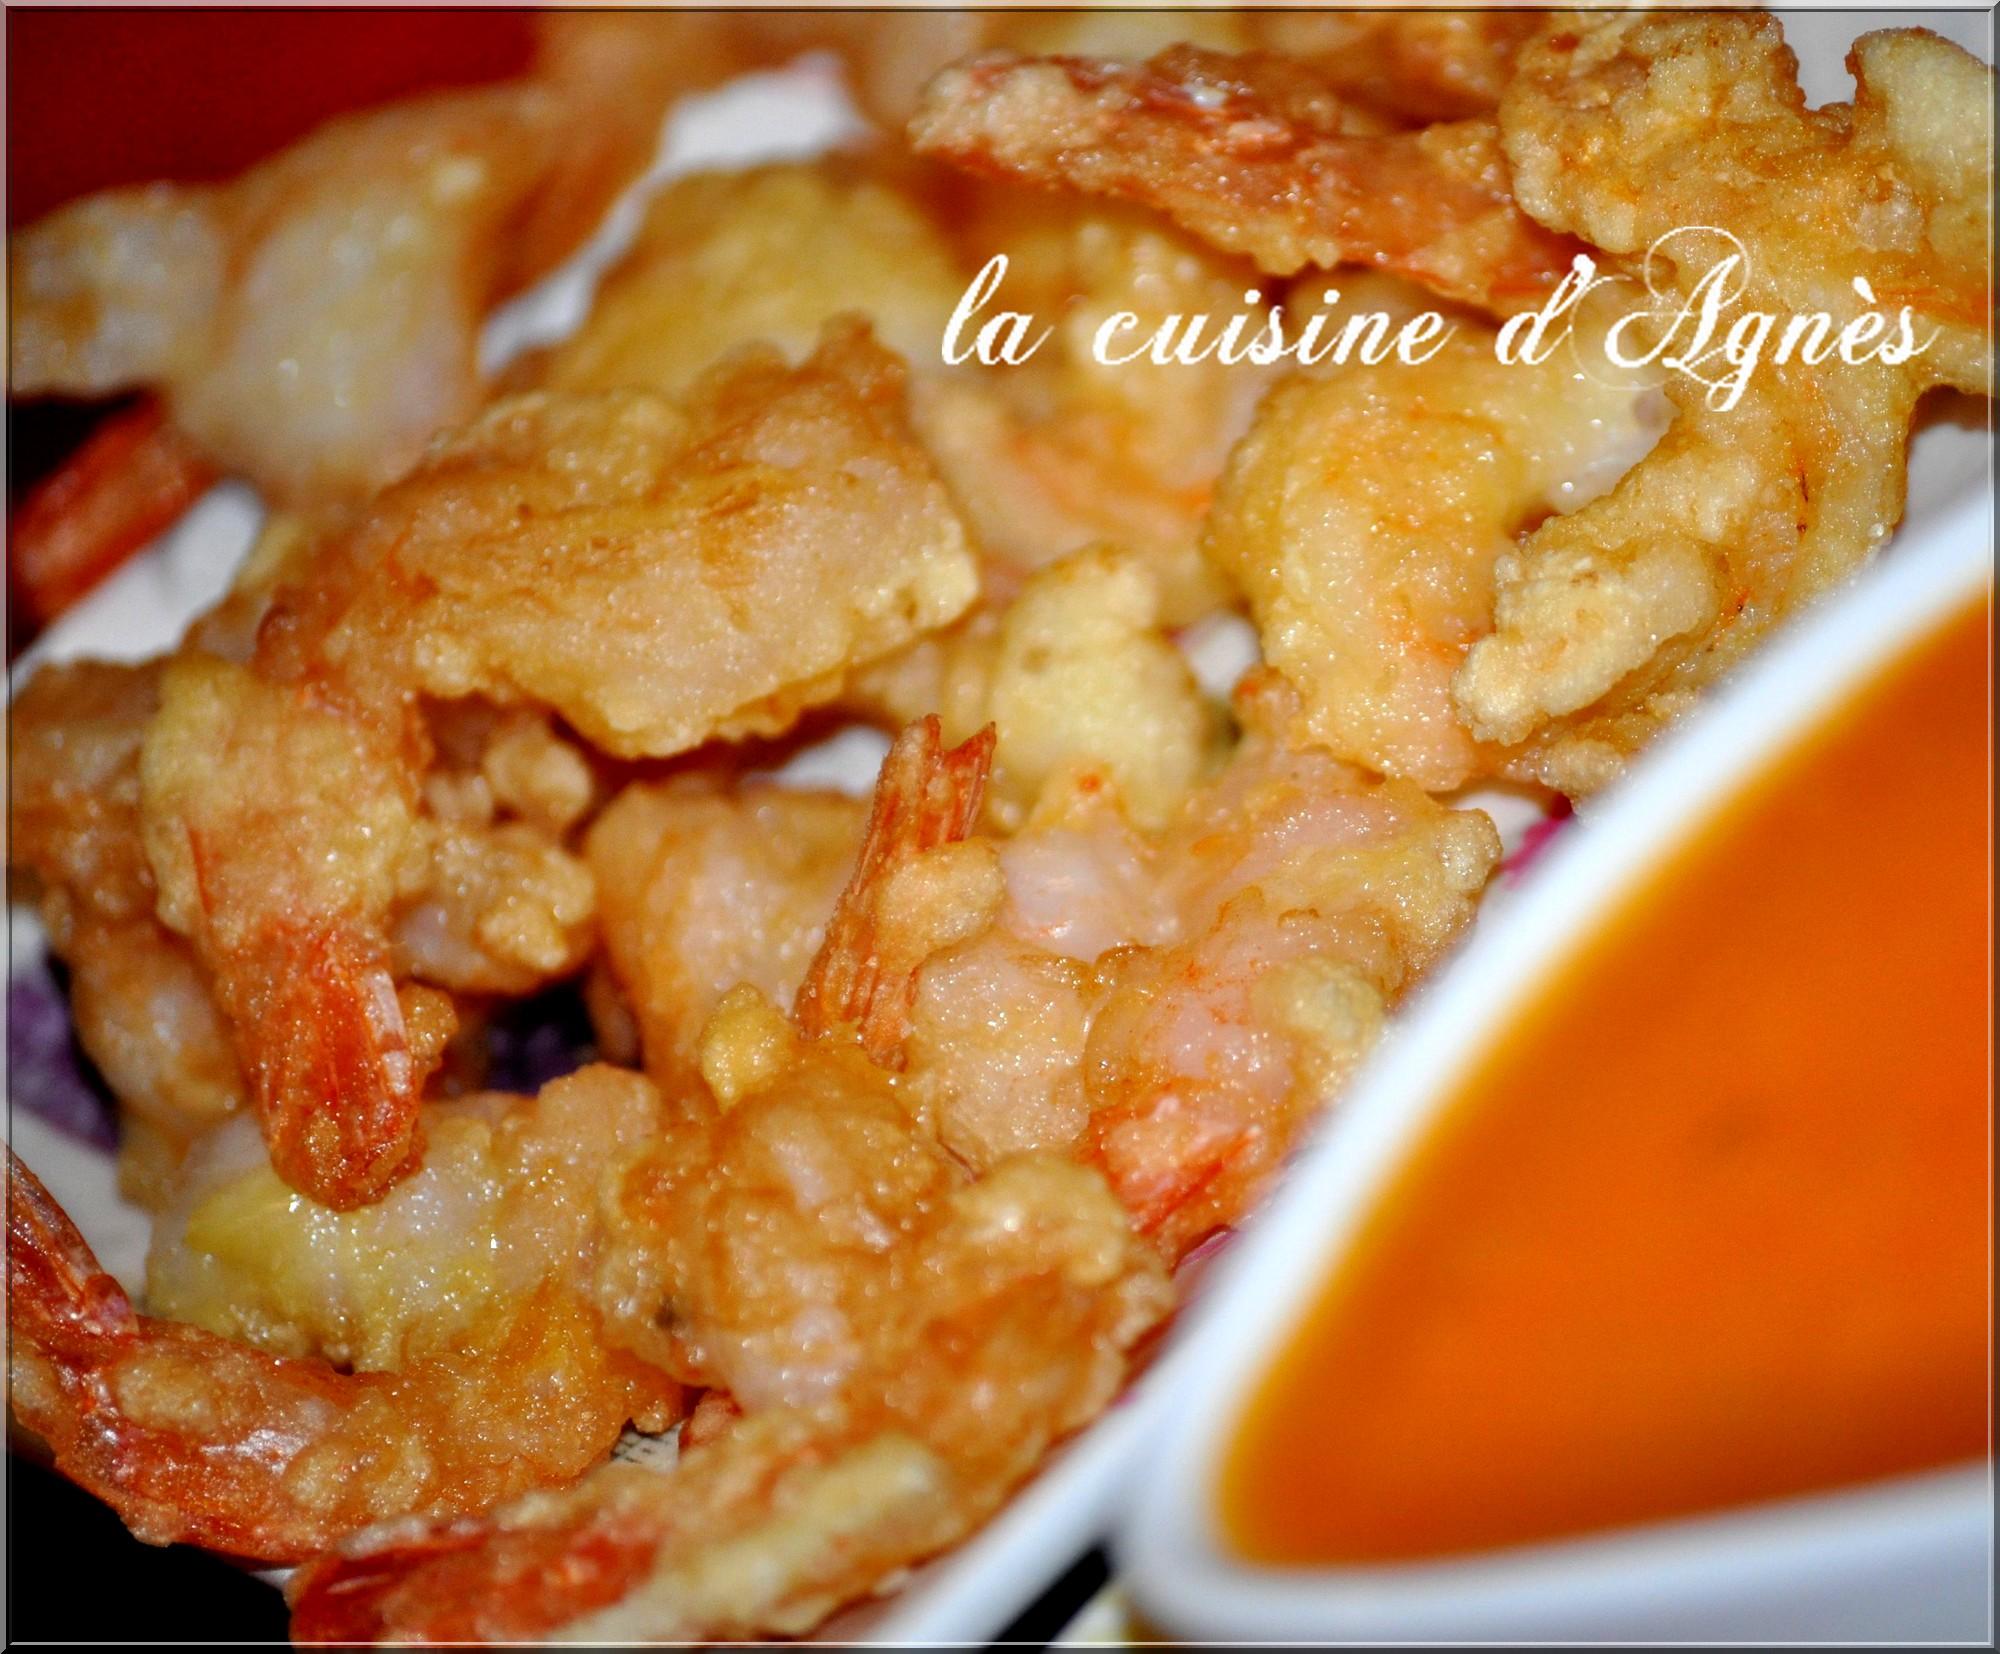 queues de crevettes frites sauce aigre douce 4